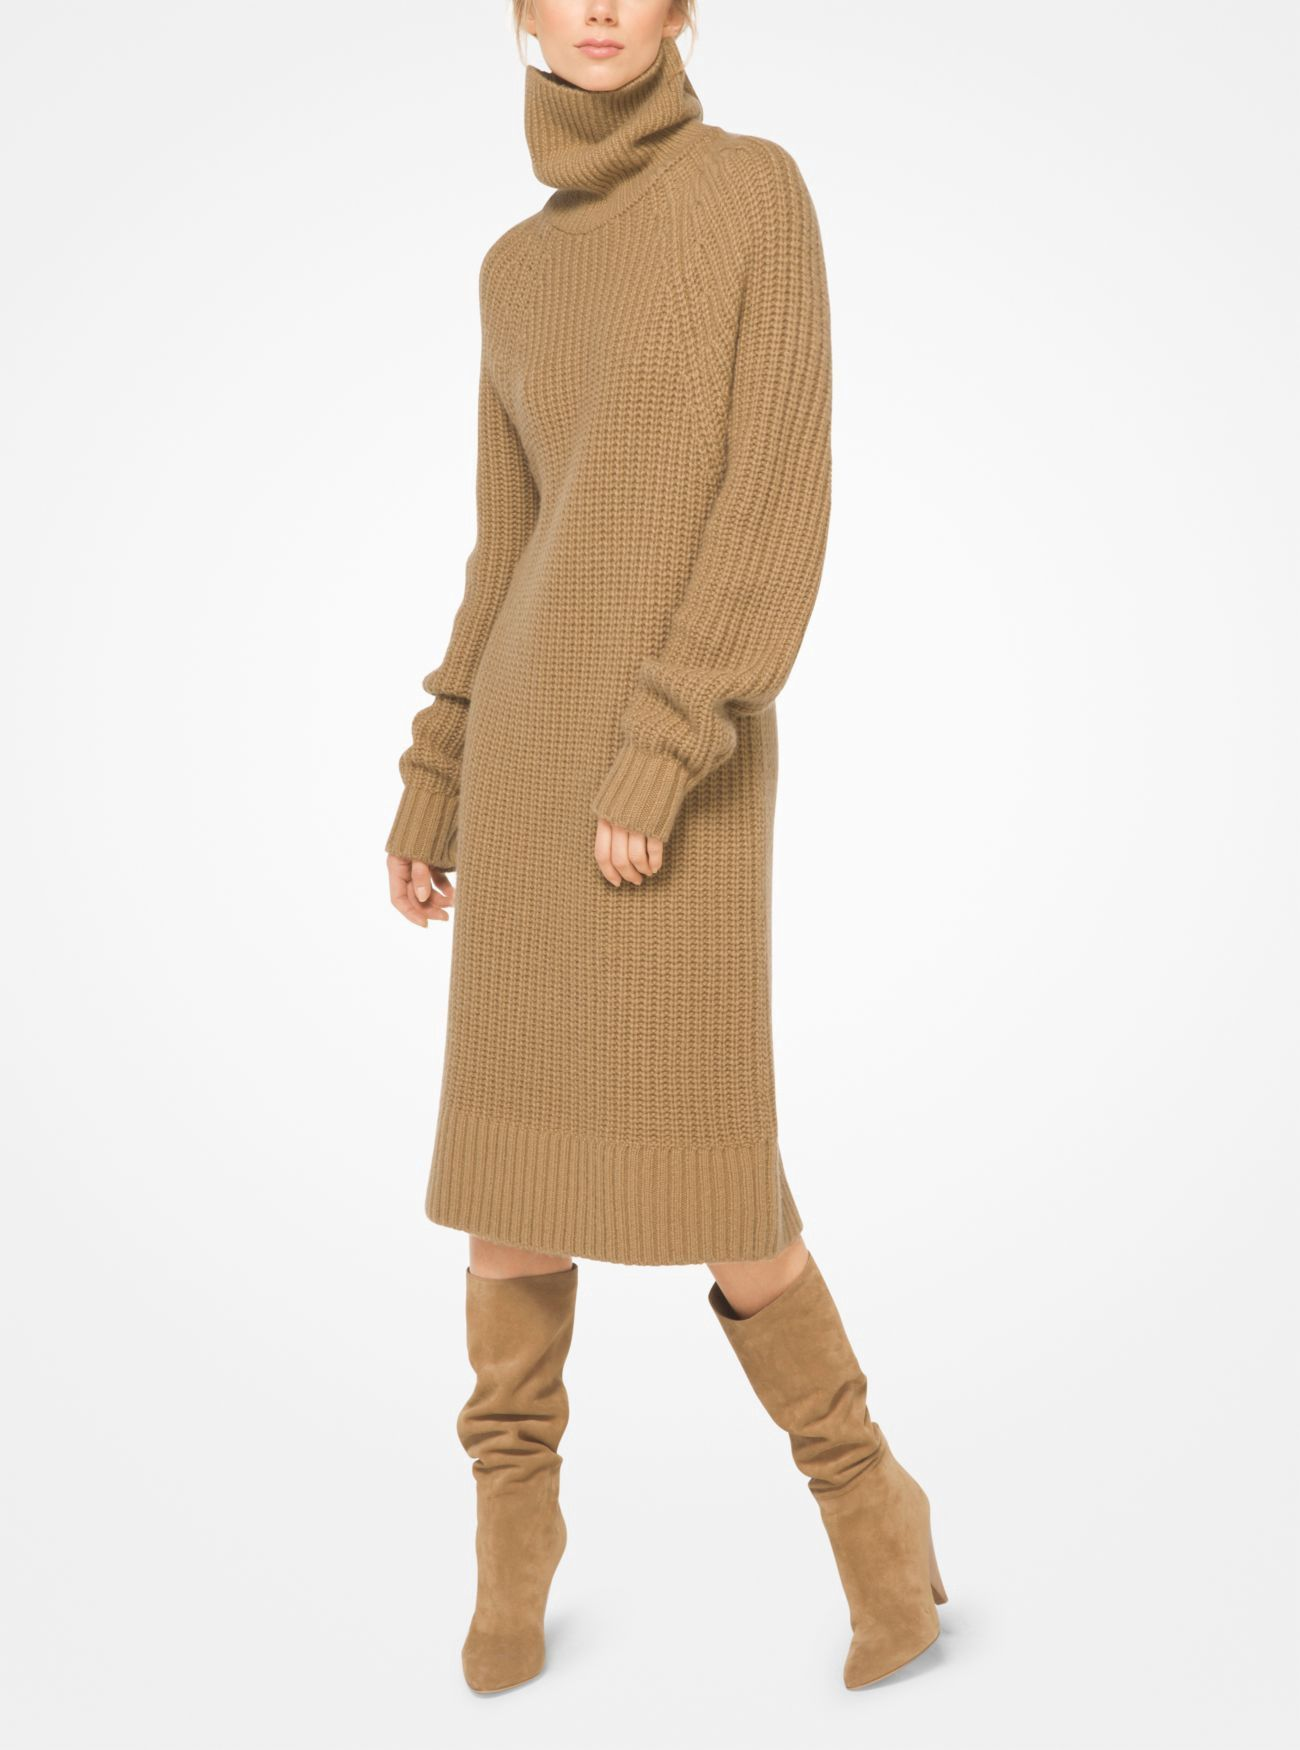 1fdd44df355aa9 MICHAEL KORS Cashmere and Mohair Sweater Dress.  michaelkors  cloth ...